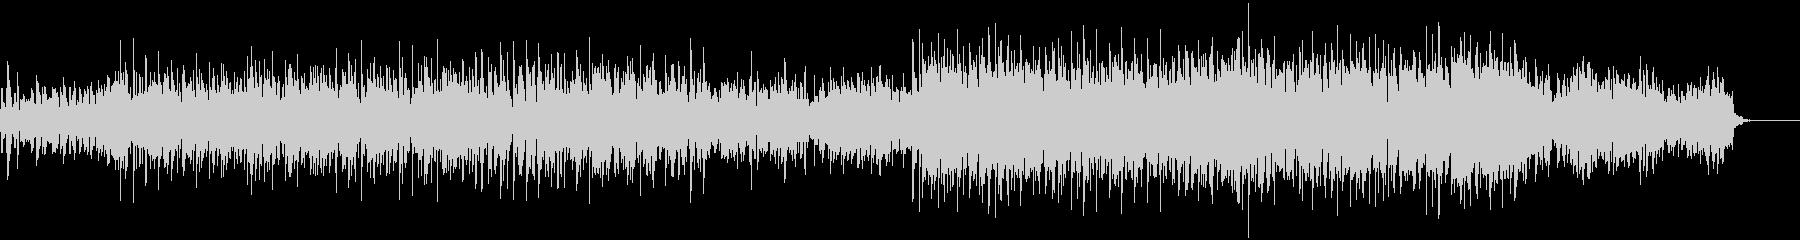 無機質なビートミュージックの未再生の波形